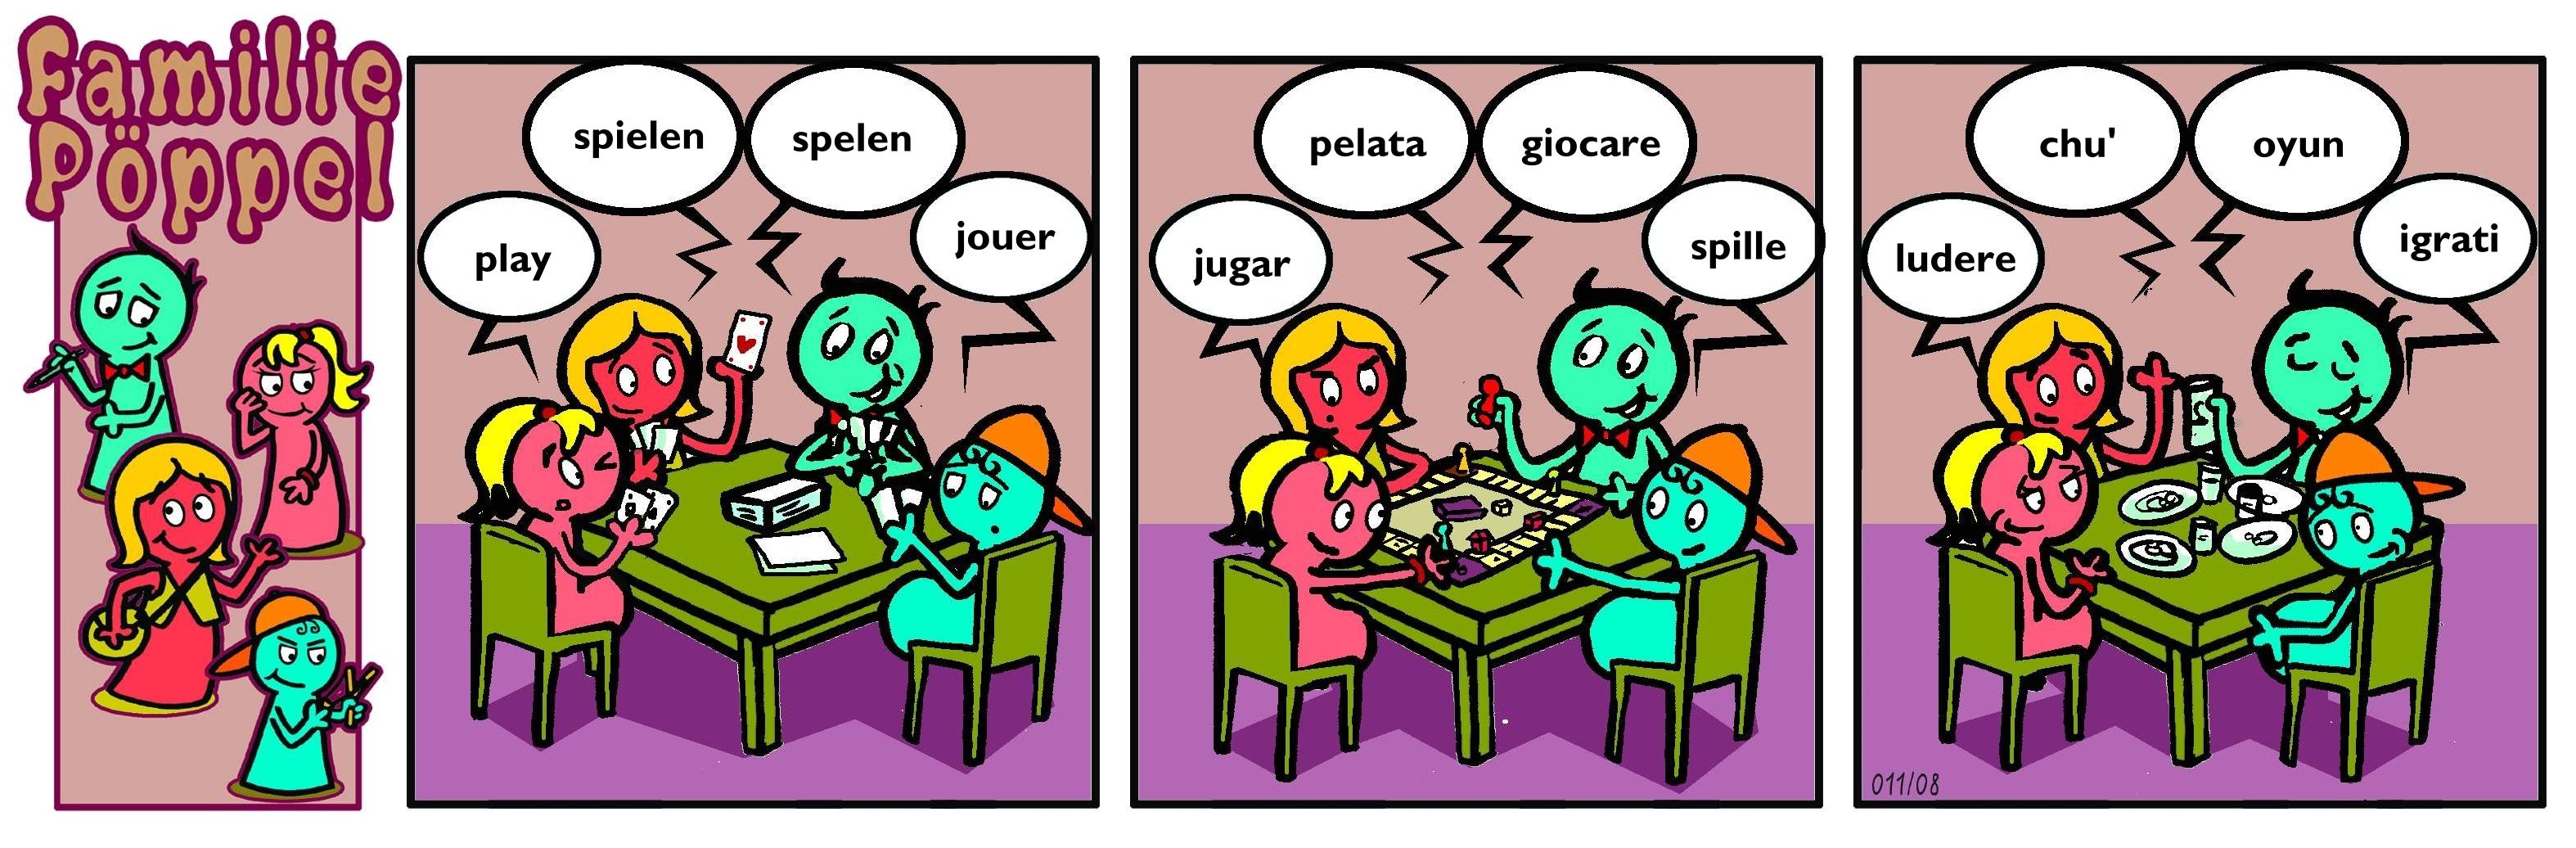 Spiele nach Sprachen